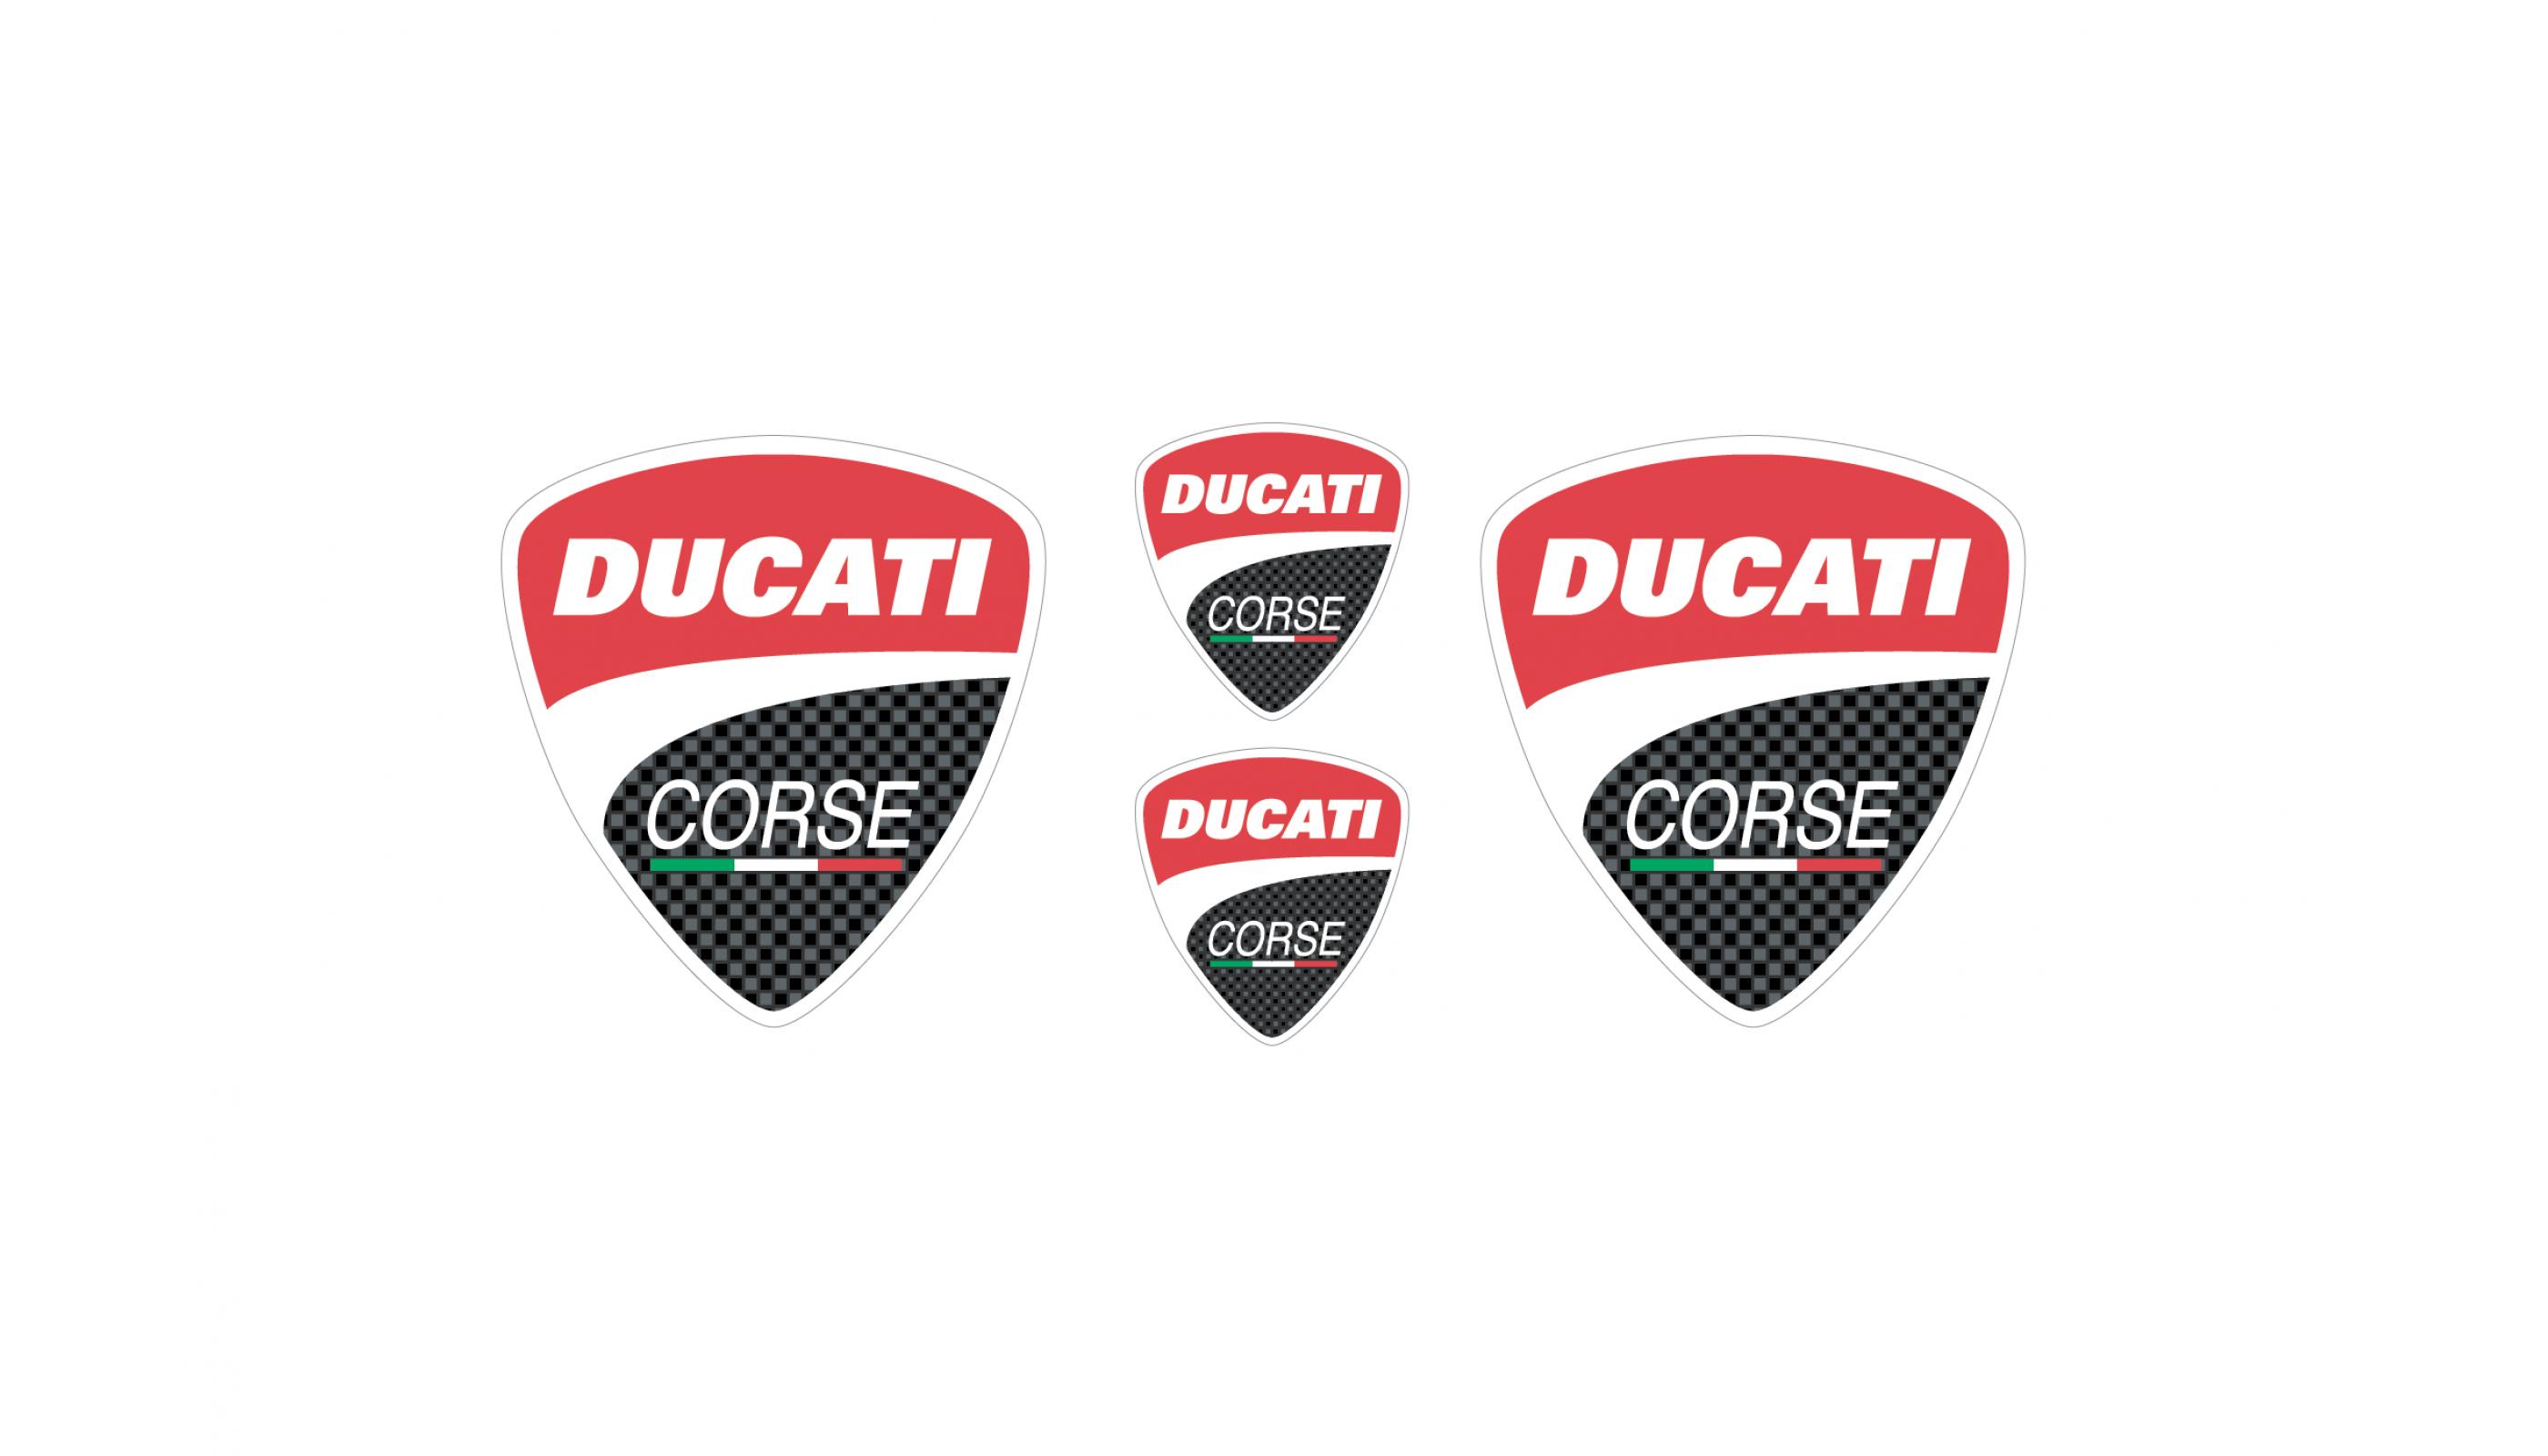 Ducati Corse emblems